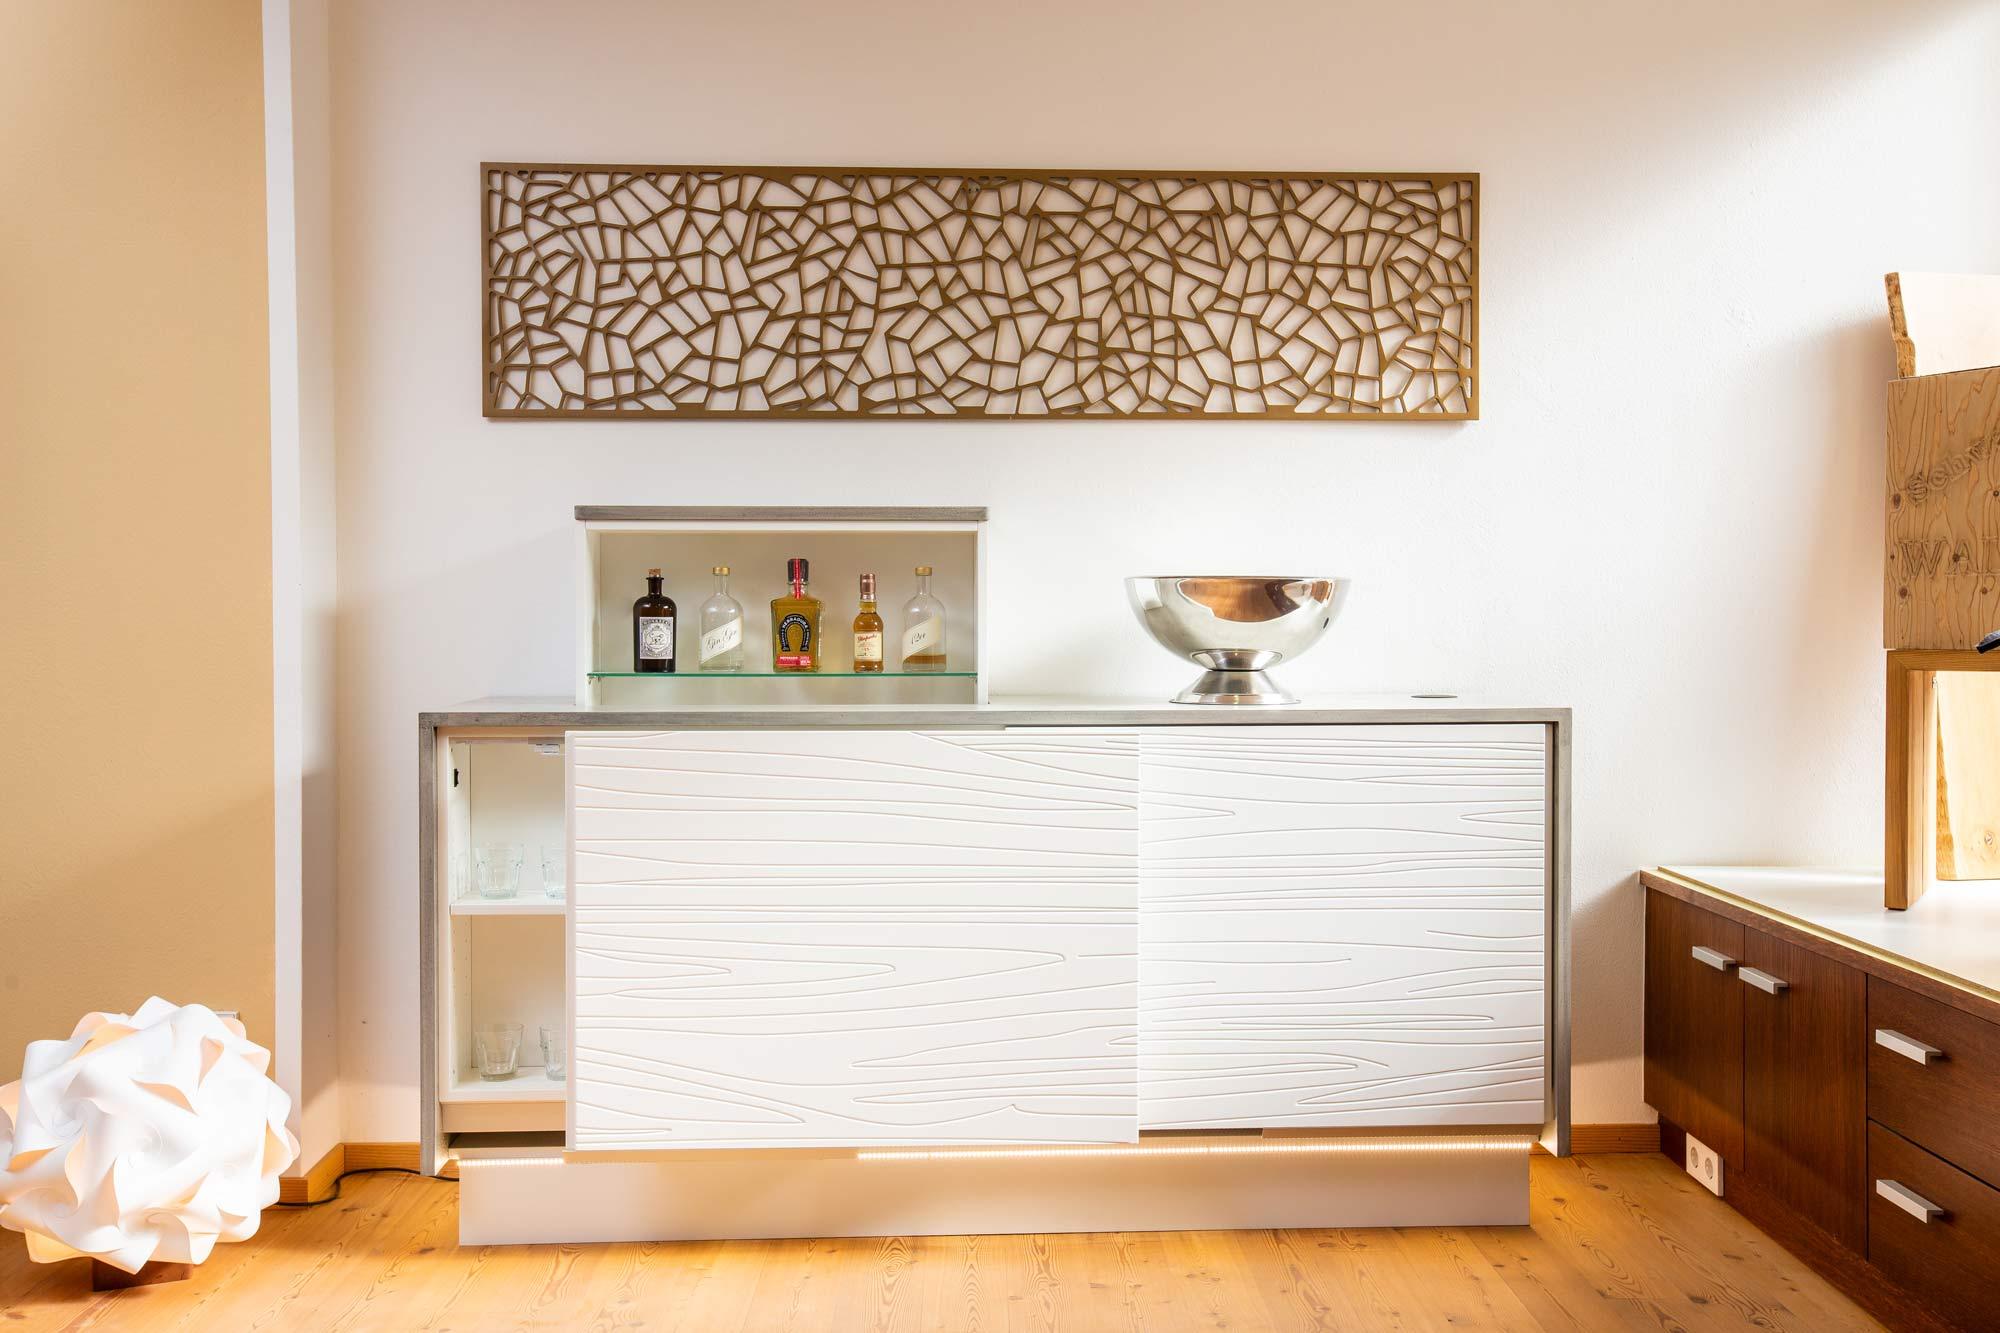 schnurr-die-raummoebelbauer-wohnen-kommode-voll-offen